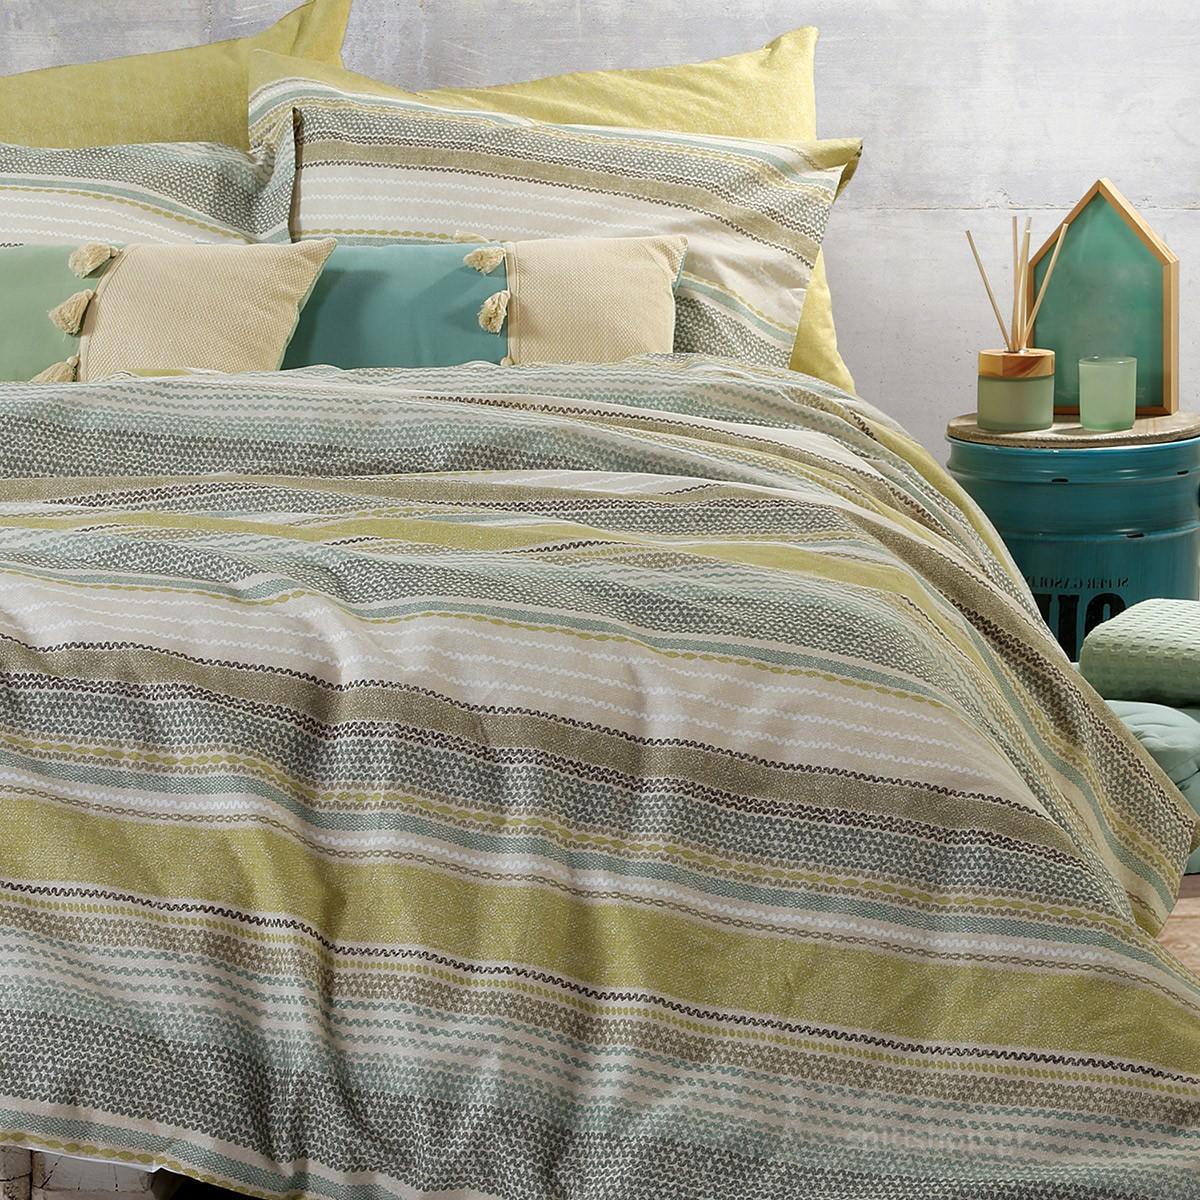 Κουβερλί Μονό Nef-Nef Smart Line Fuente Lime home   κρεβατοκάμαρα   κουβερλί   κουβερλί μονά